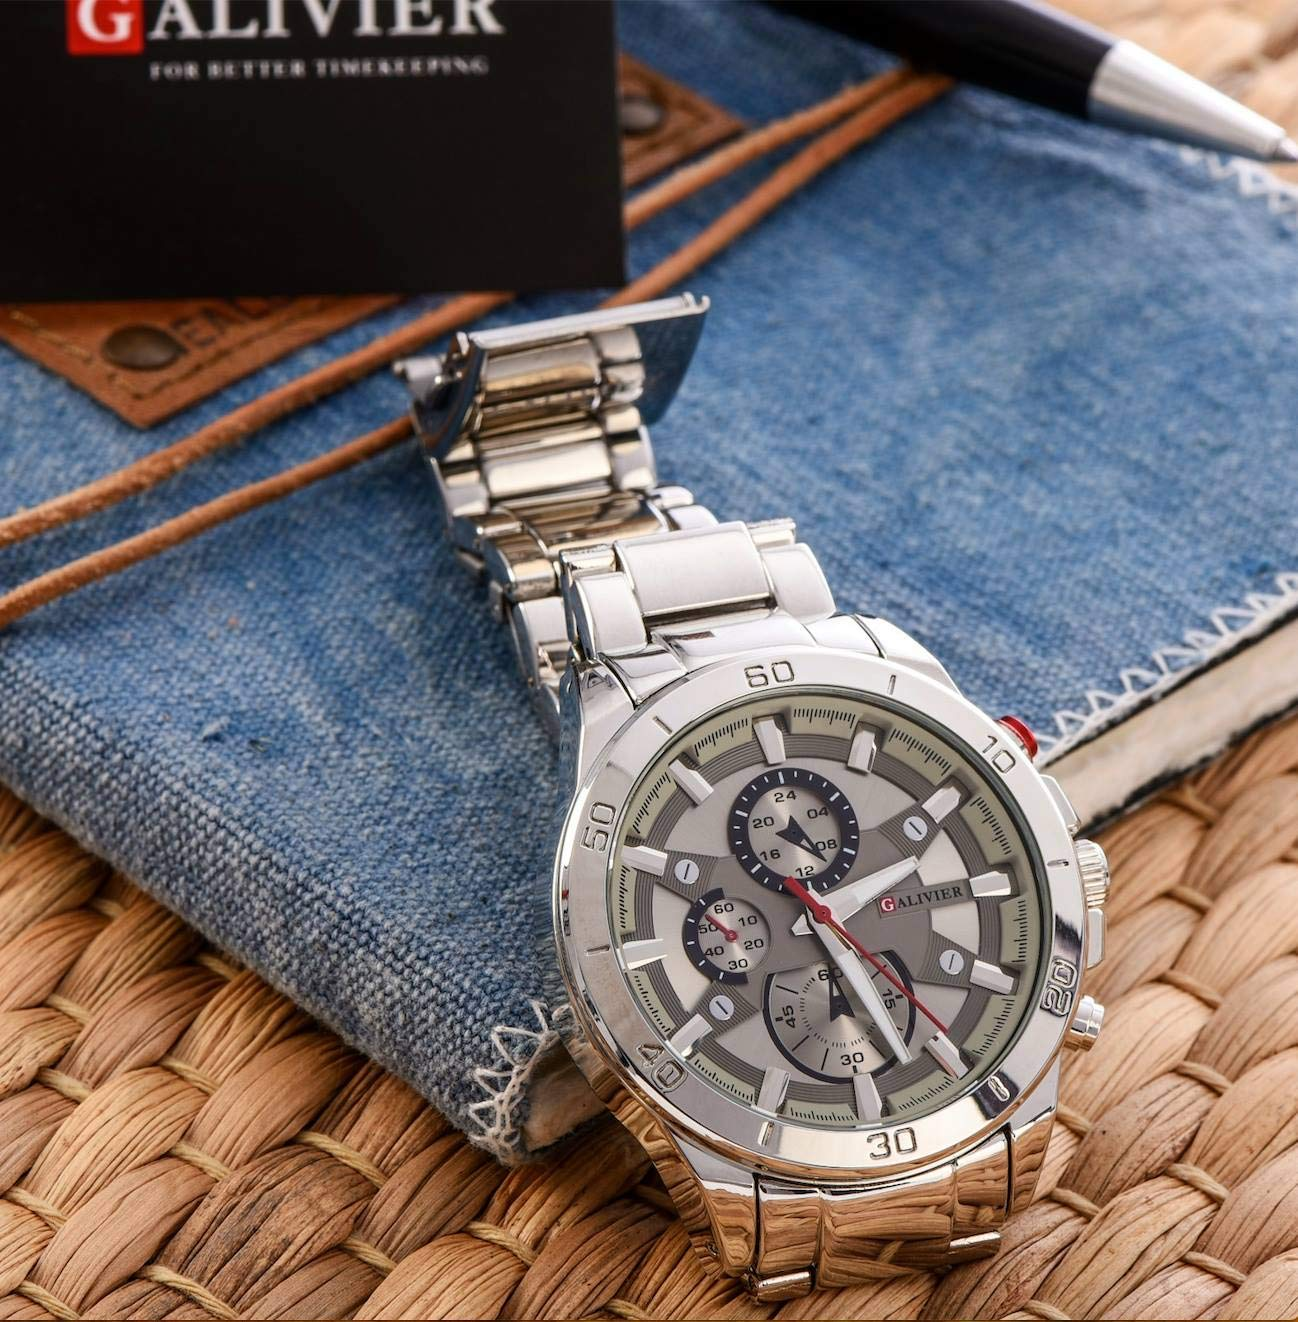 Galivier-Armbanduhr-Mnner–Swiss-Design-Edle-Herrenuhr-Wasserdicht-Quarz-Herrenuhr-Analog–Designer-Armbanduhr-mit-Klassischem-Edelstahlband